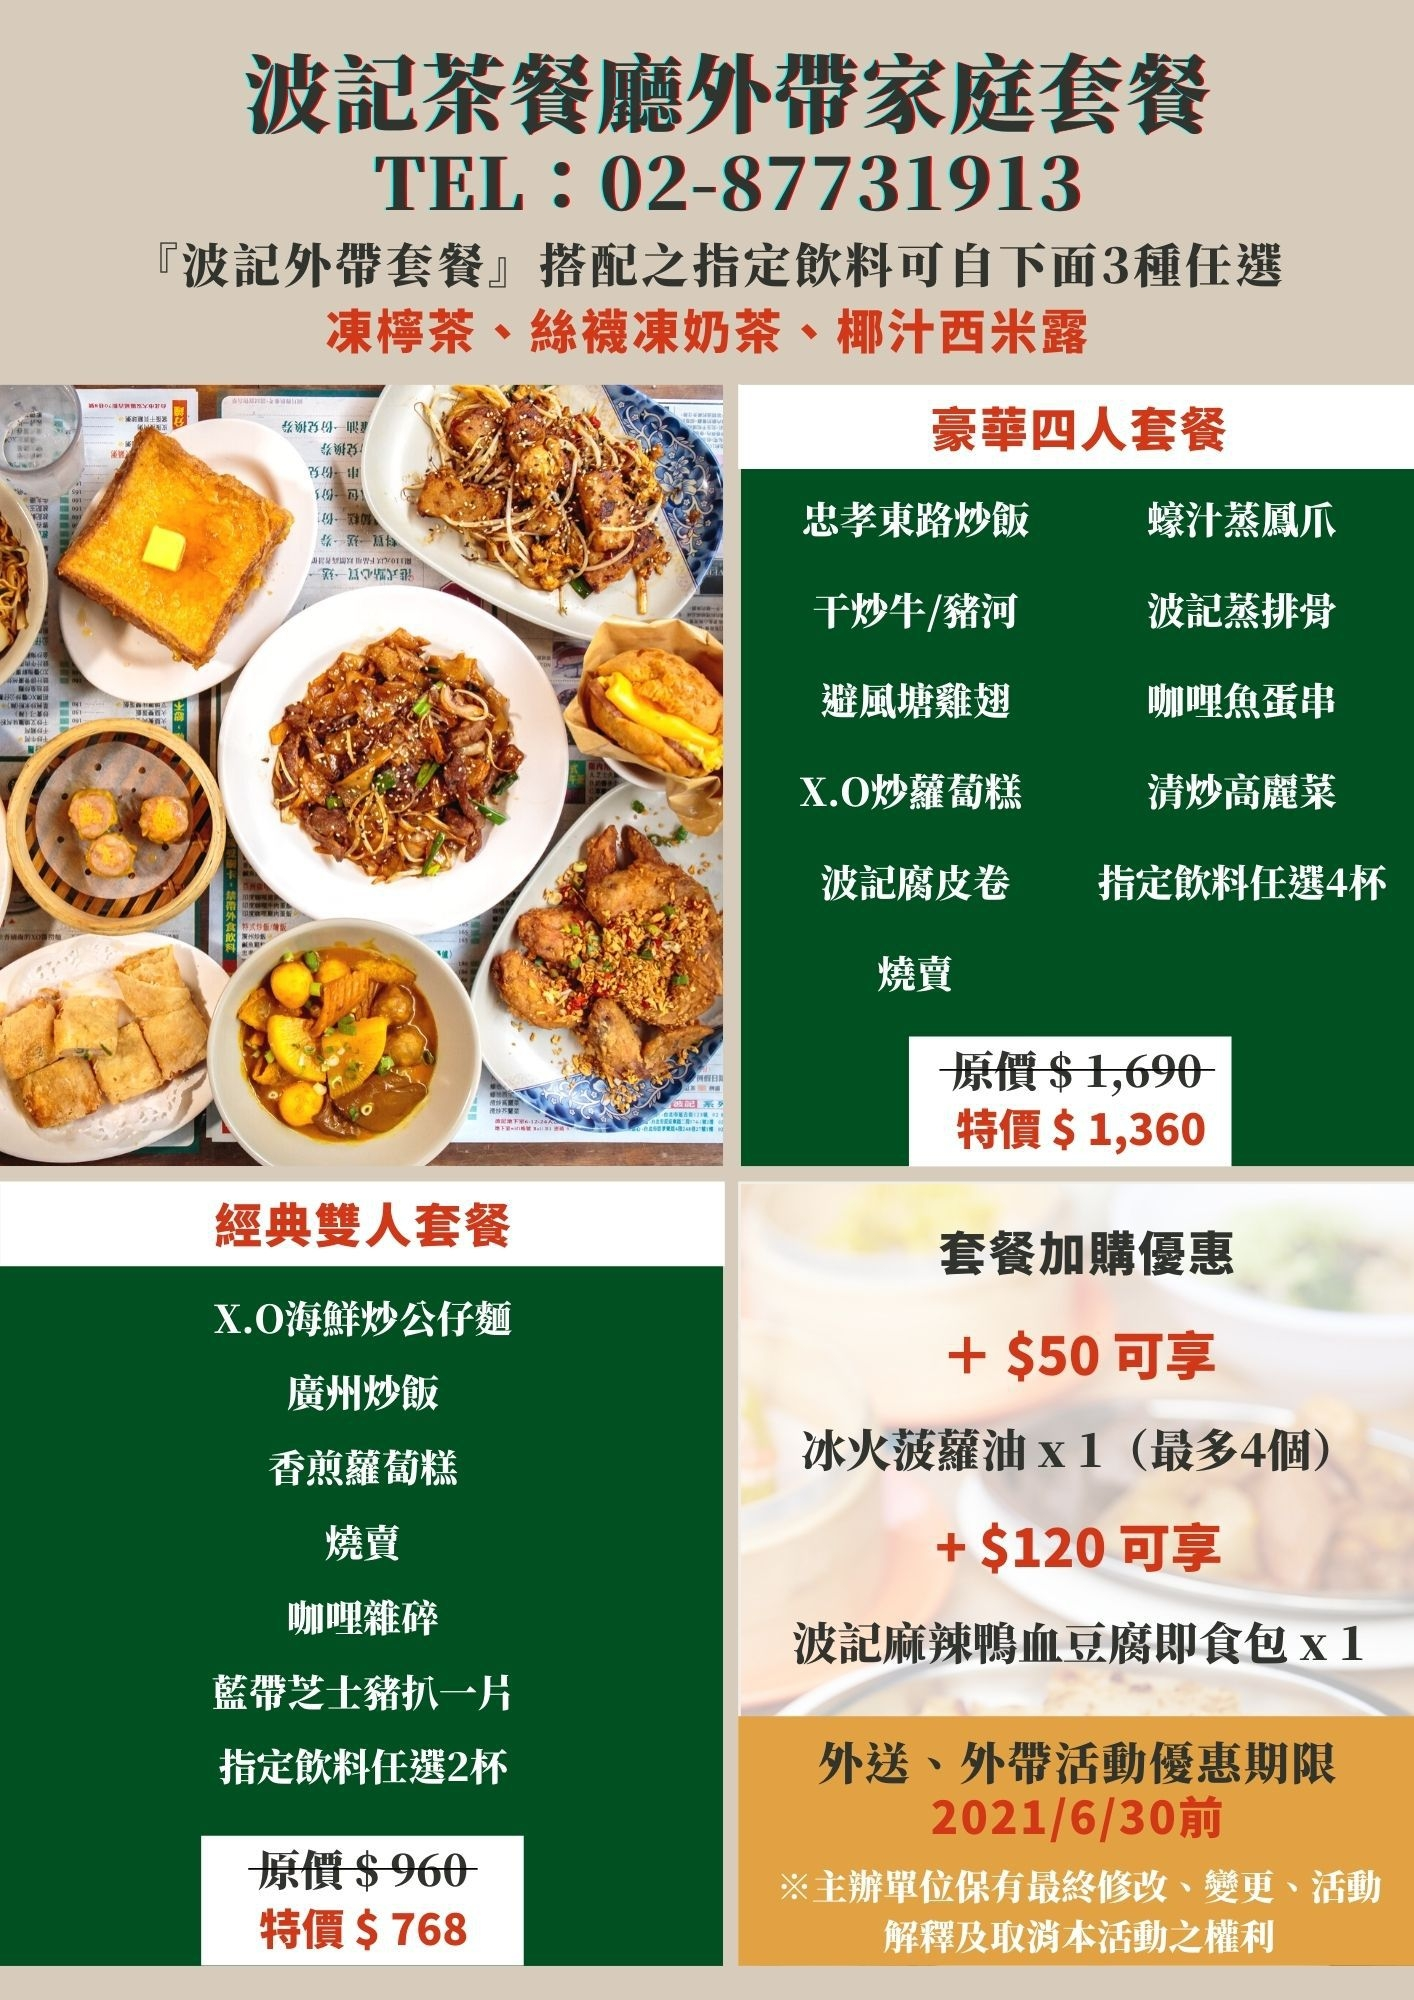 【台北茶餐廳】波記茶餐廳:重溫舊時香港好味道、好港風 / 東區美食 @女子的休假計劃